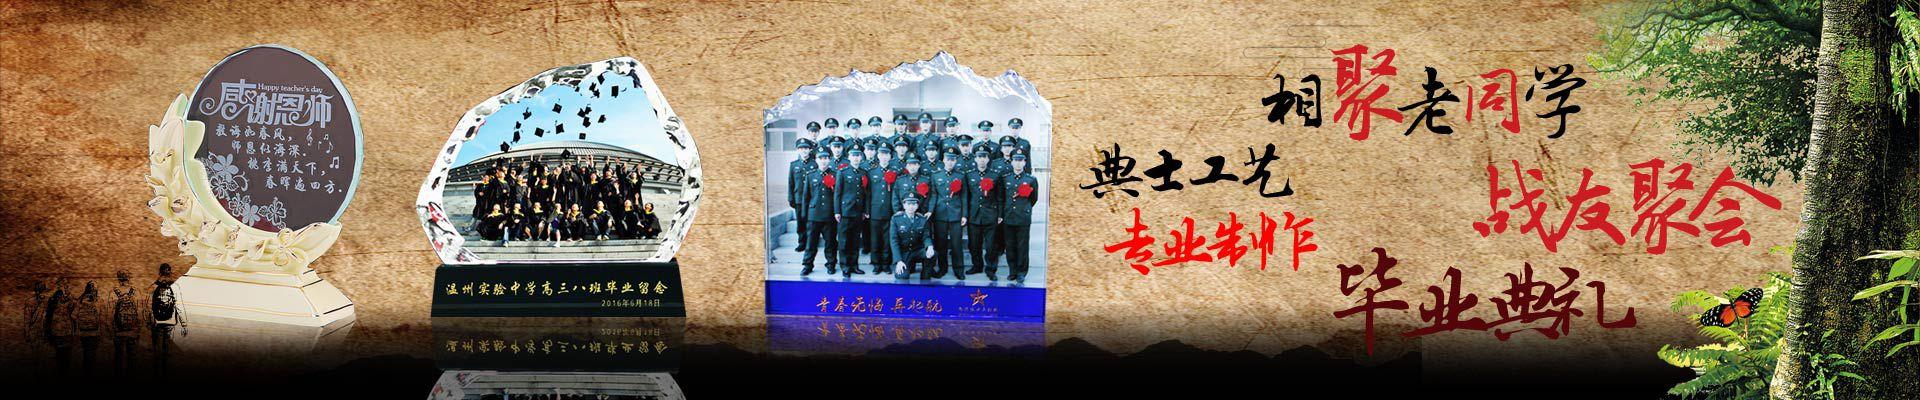 上海典士工艺品有限公司